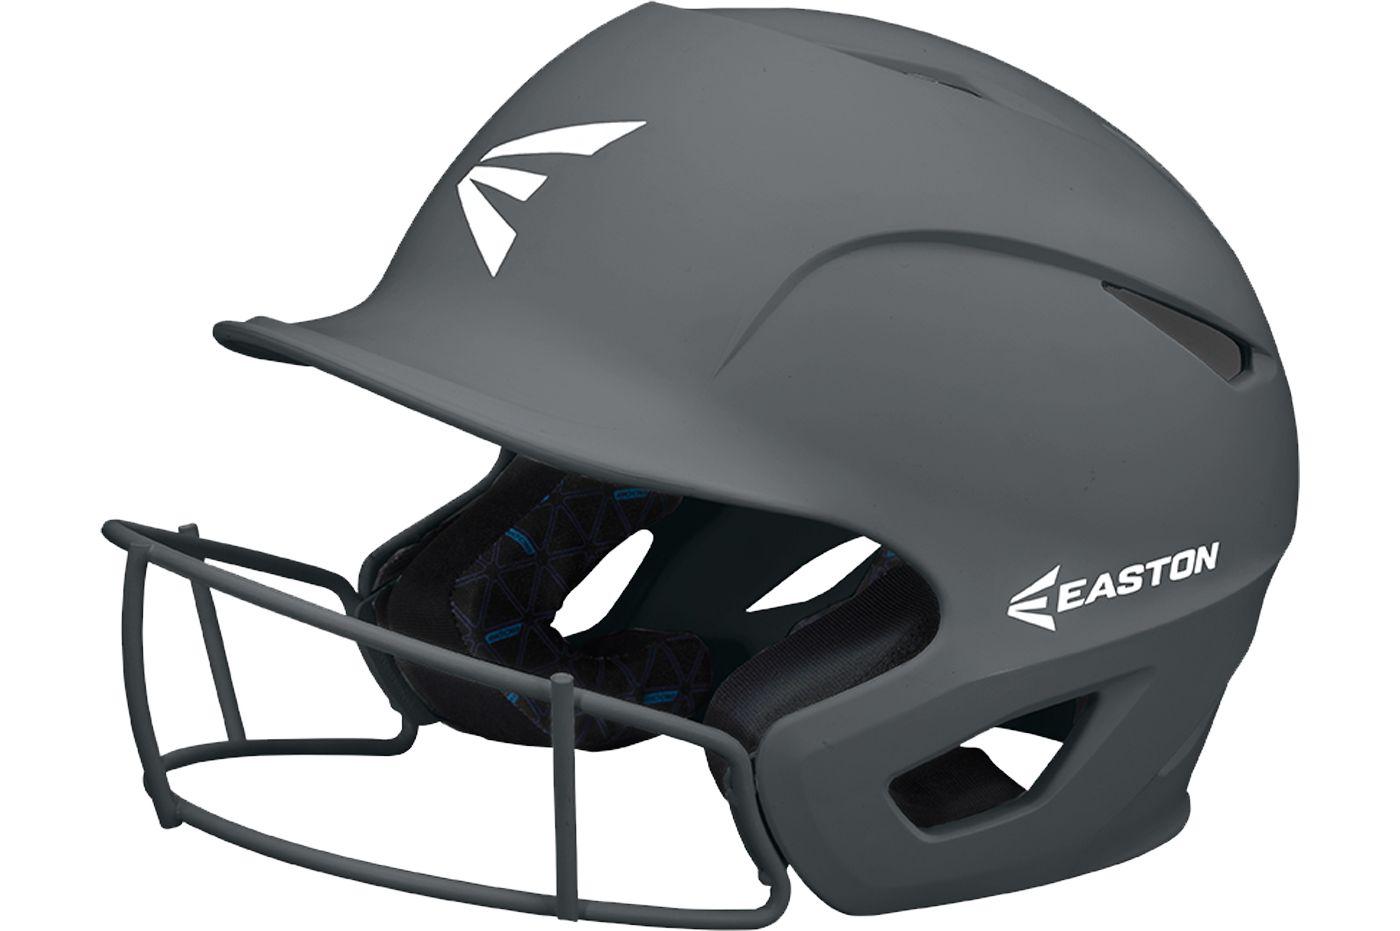 Easton Women's Prowess Matte Grip Fastpitch Batting Helmet w/ Mask